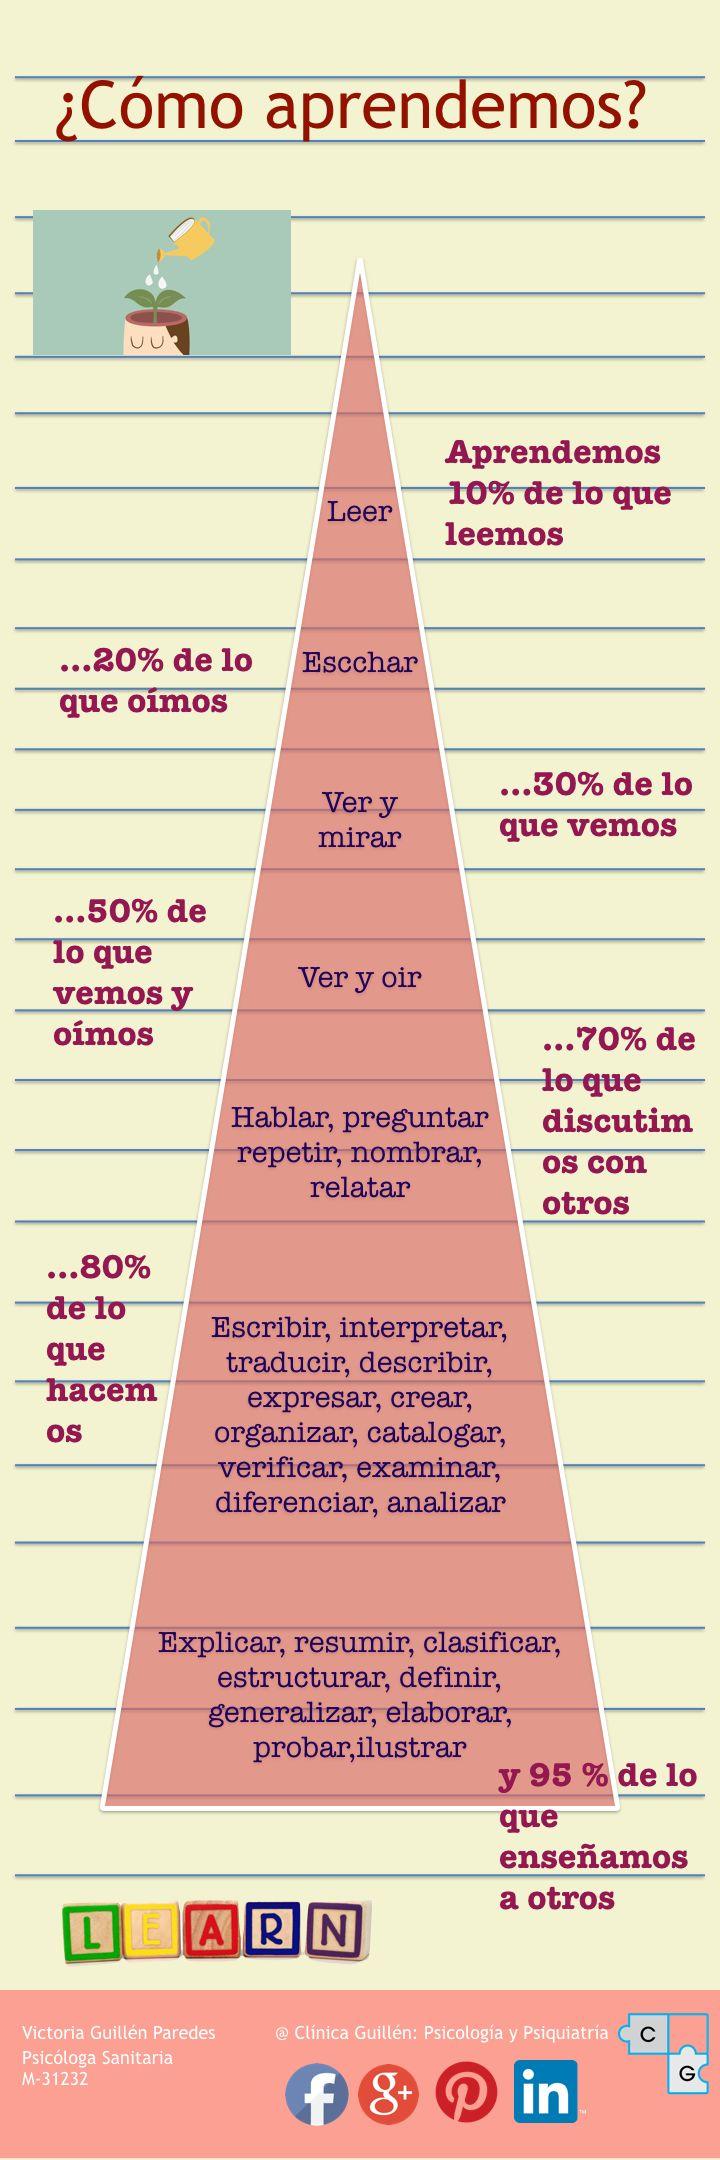 #aprendizaje #psicologia #educación